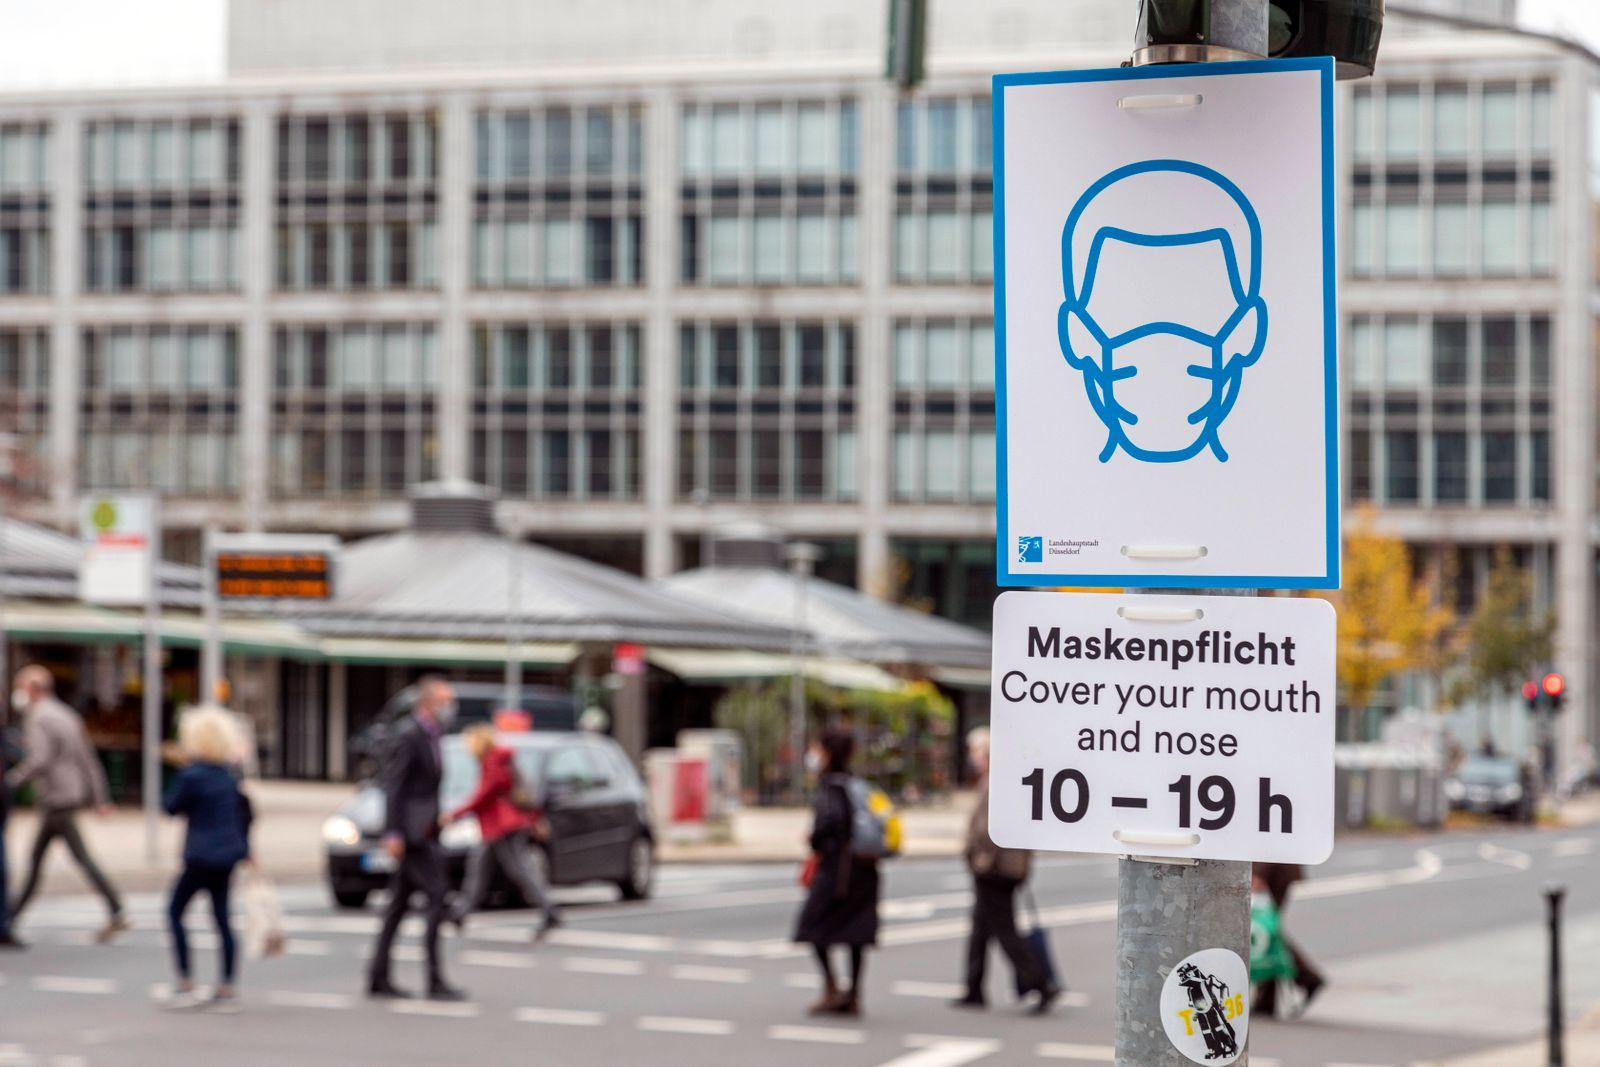 Maskenpflicht von 10-19 Uhr in verschiedenen Bereichen von Düsseldorf, hier in Unterbilk am Kirchplatz *** compulsory ma